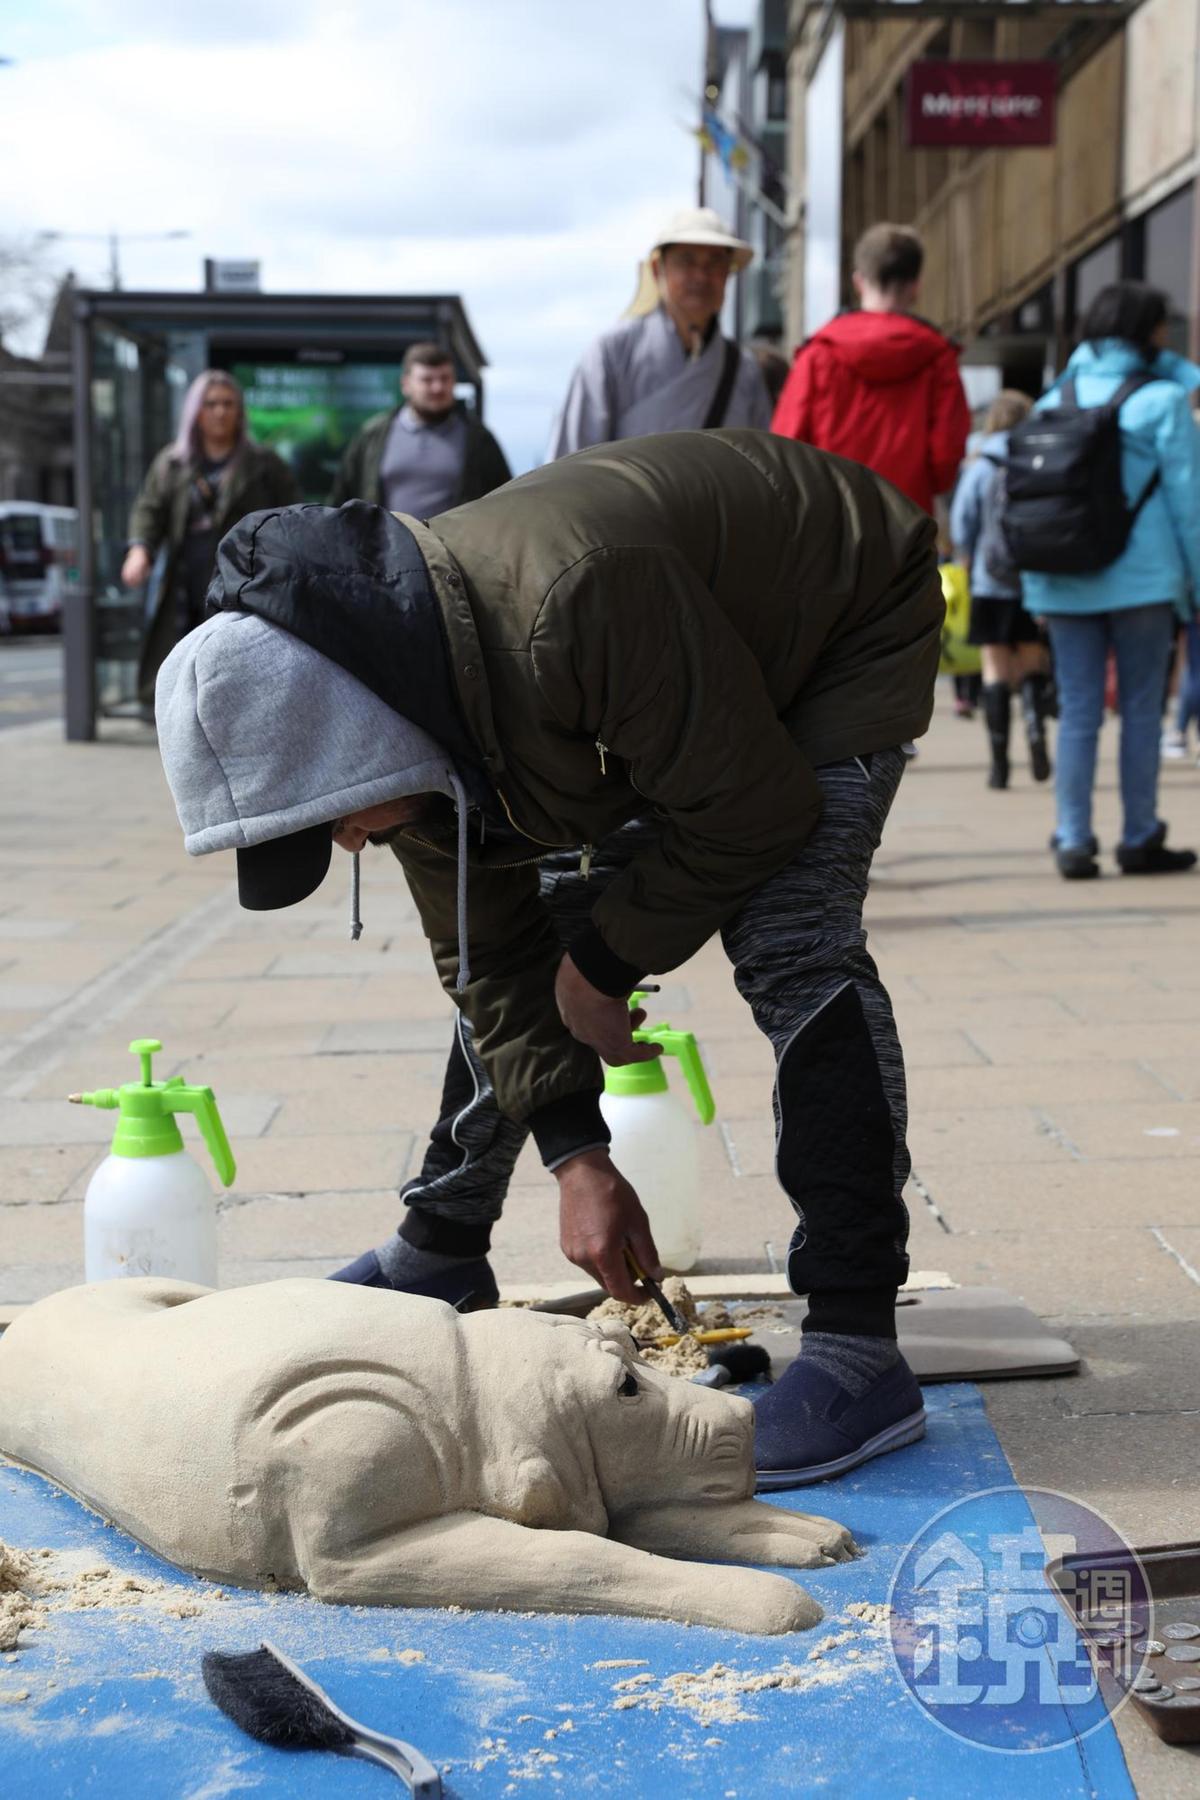 藝術家在街頭即興創作栩栩如生的沙雕狗。